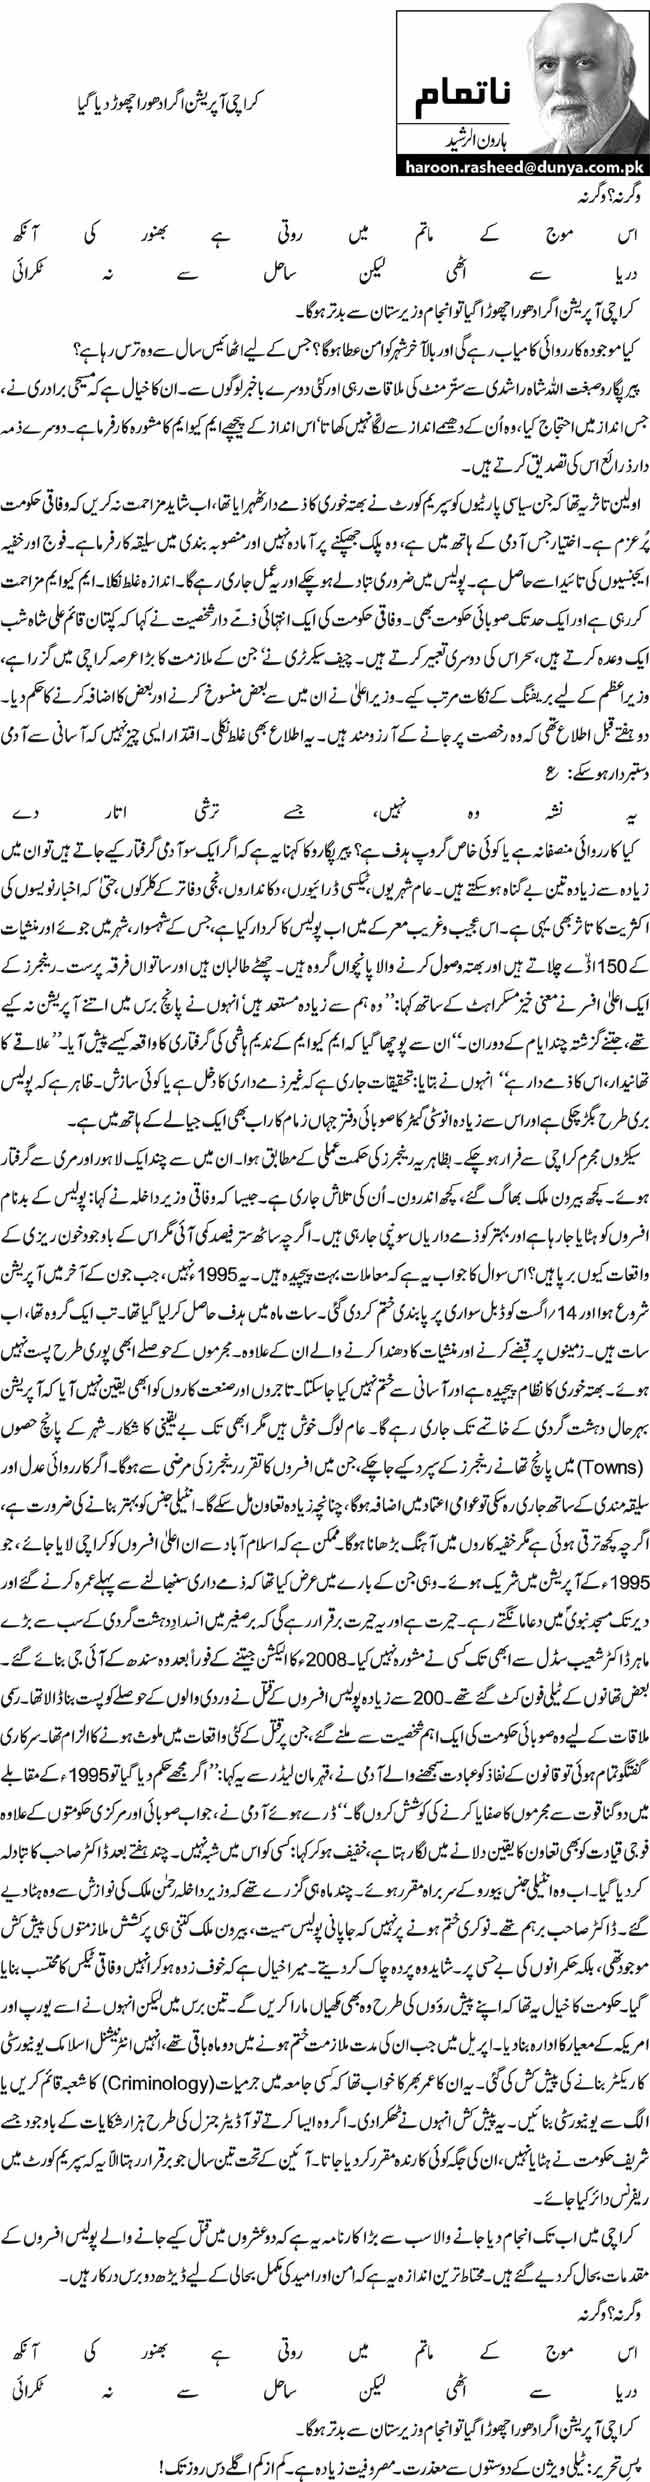 کراچی آپریشن اگر ادھورا چھوڑ دیا گیا